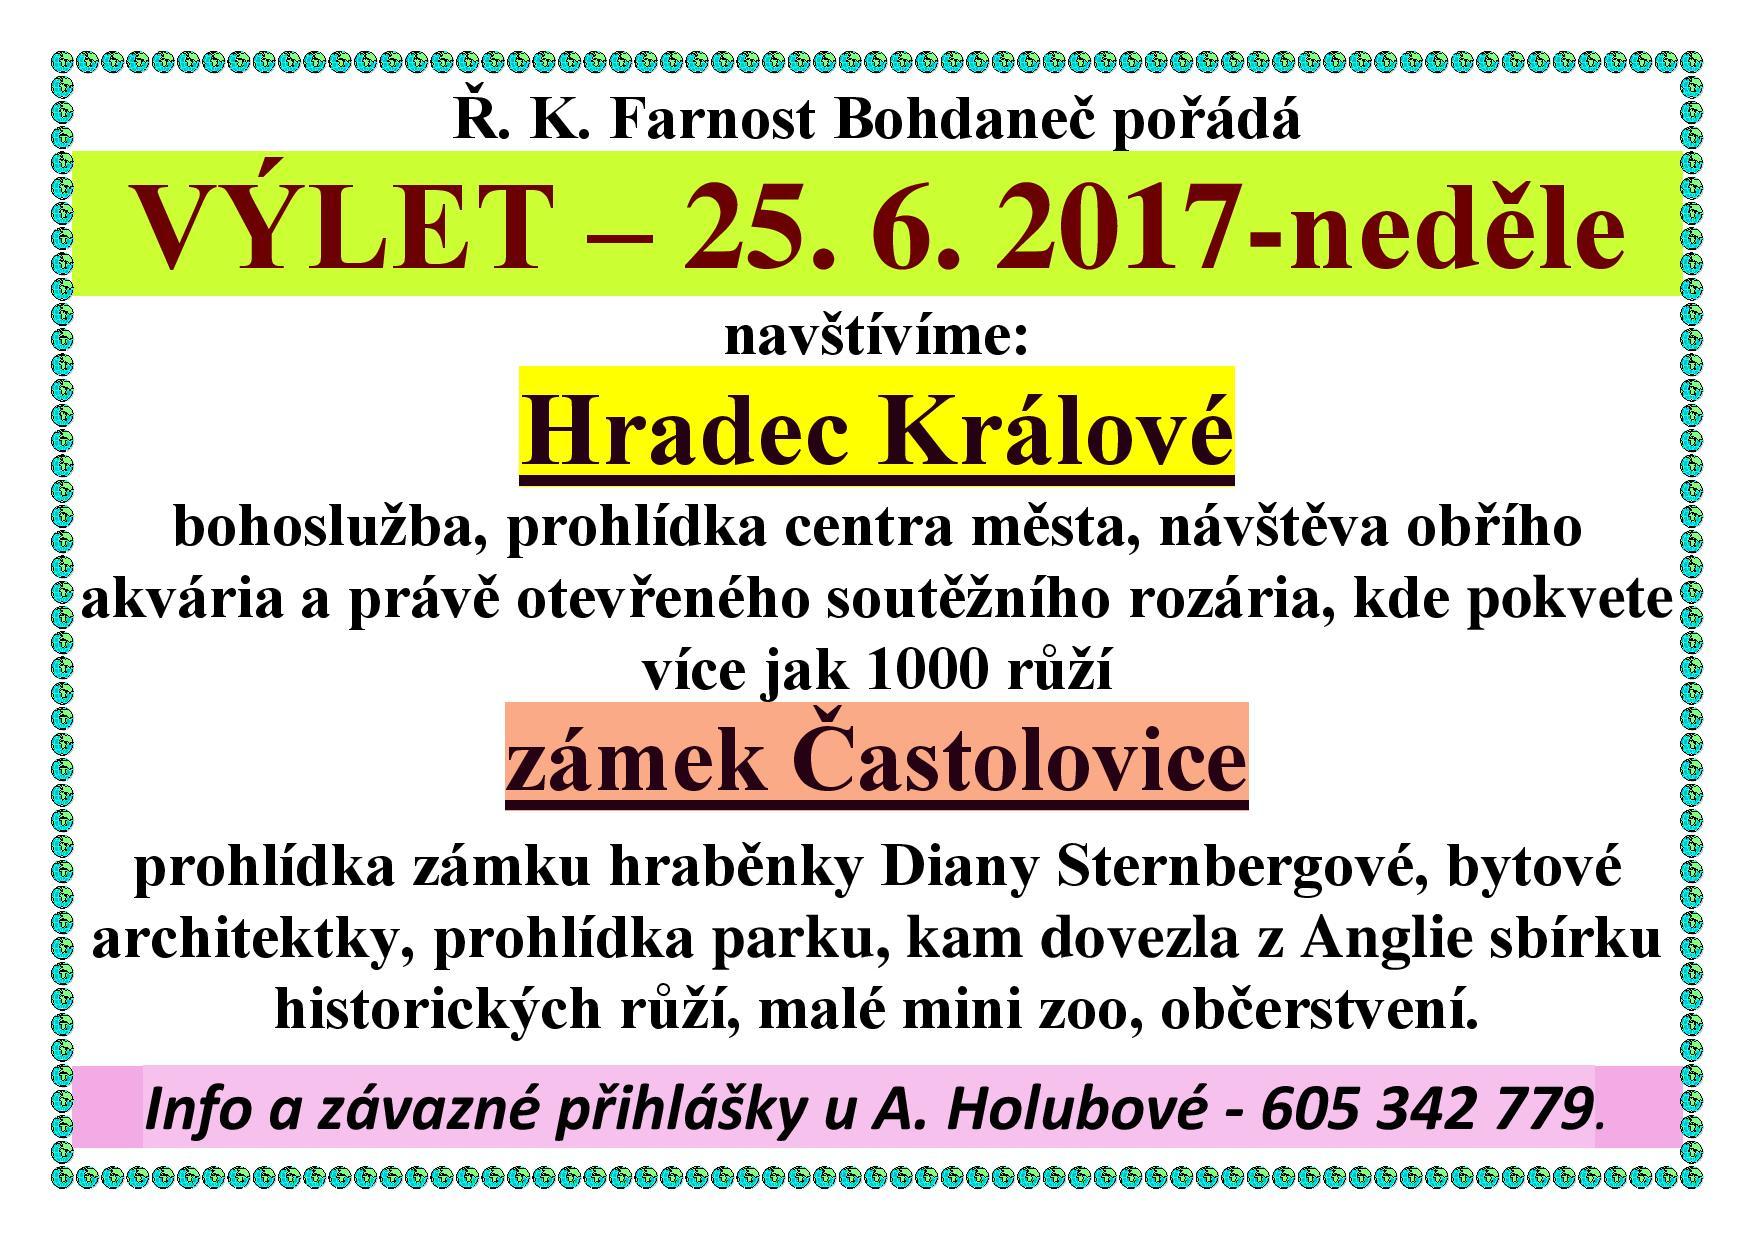 OBRÁZEK : vylet_plakat_hk_castolovice-page-001.jpg